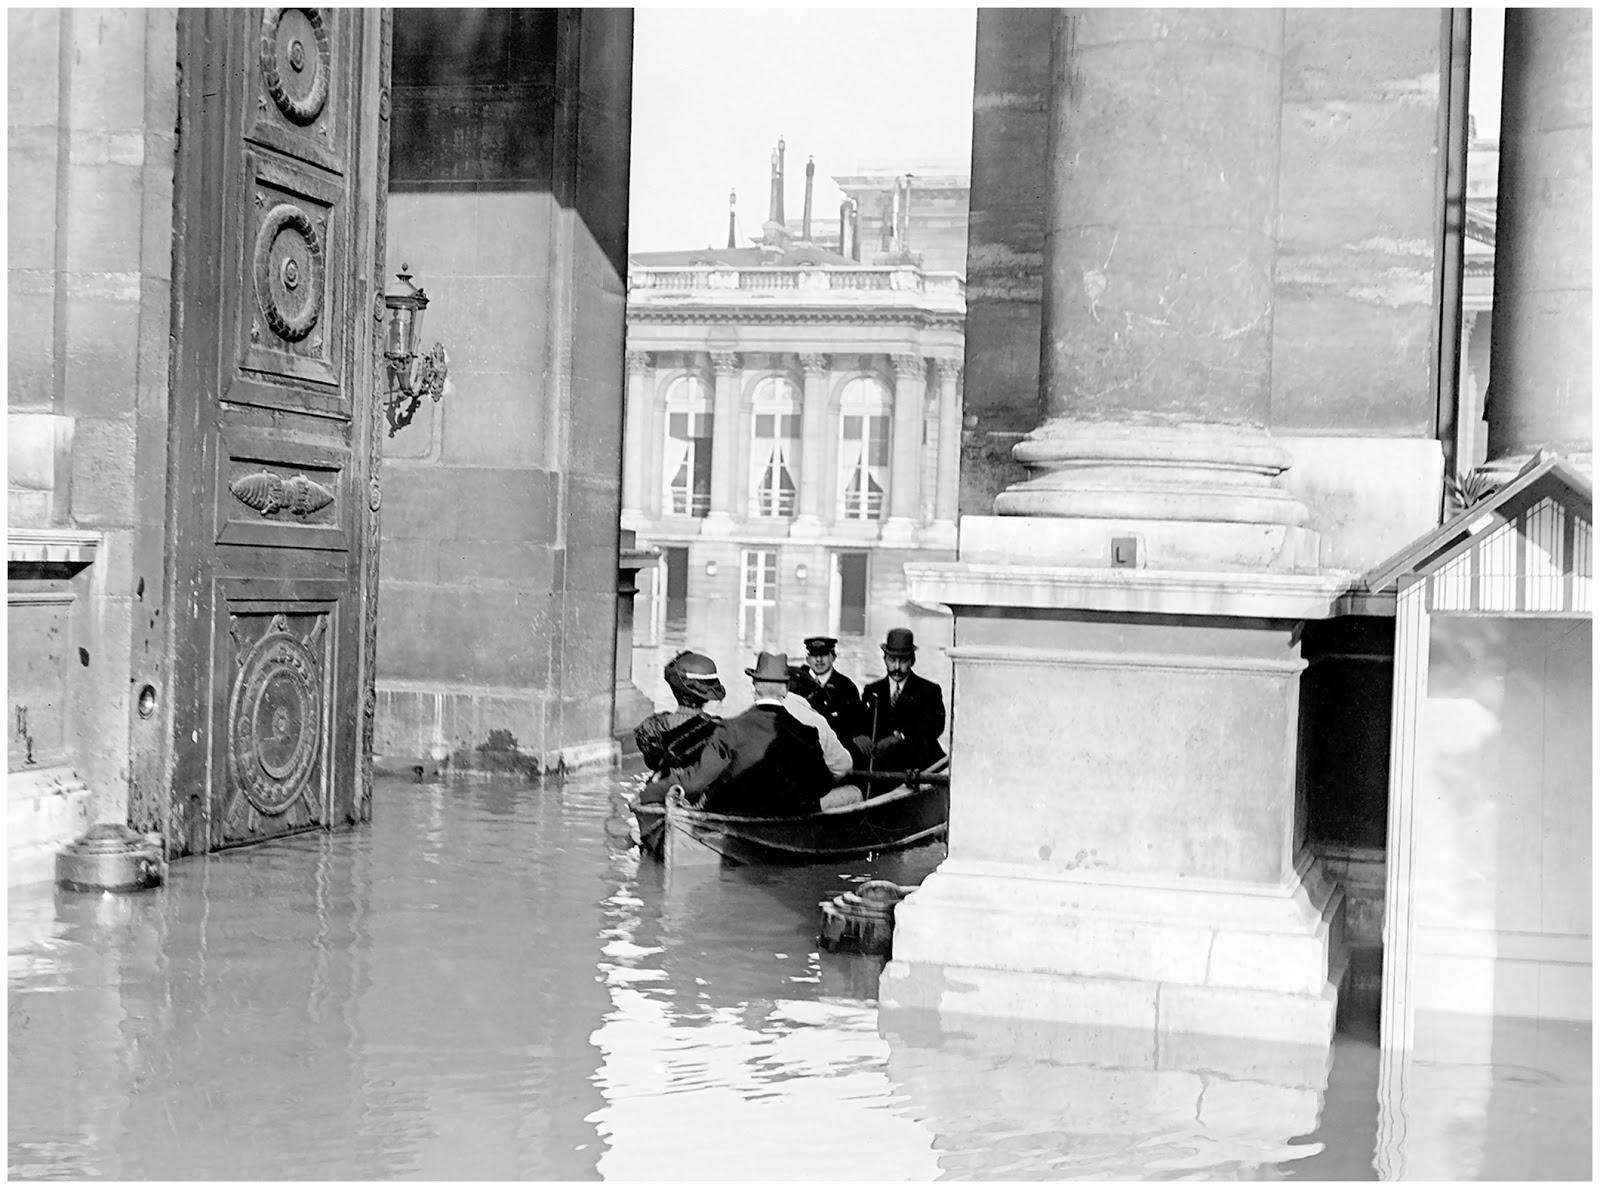 La chambre des députes Paris floods in 1910 The House of Representatives_1.jpg